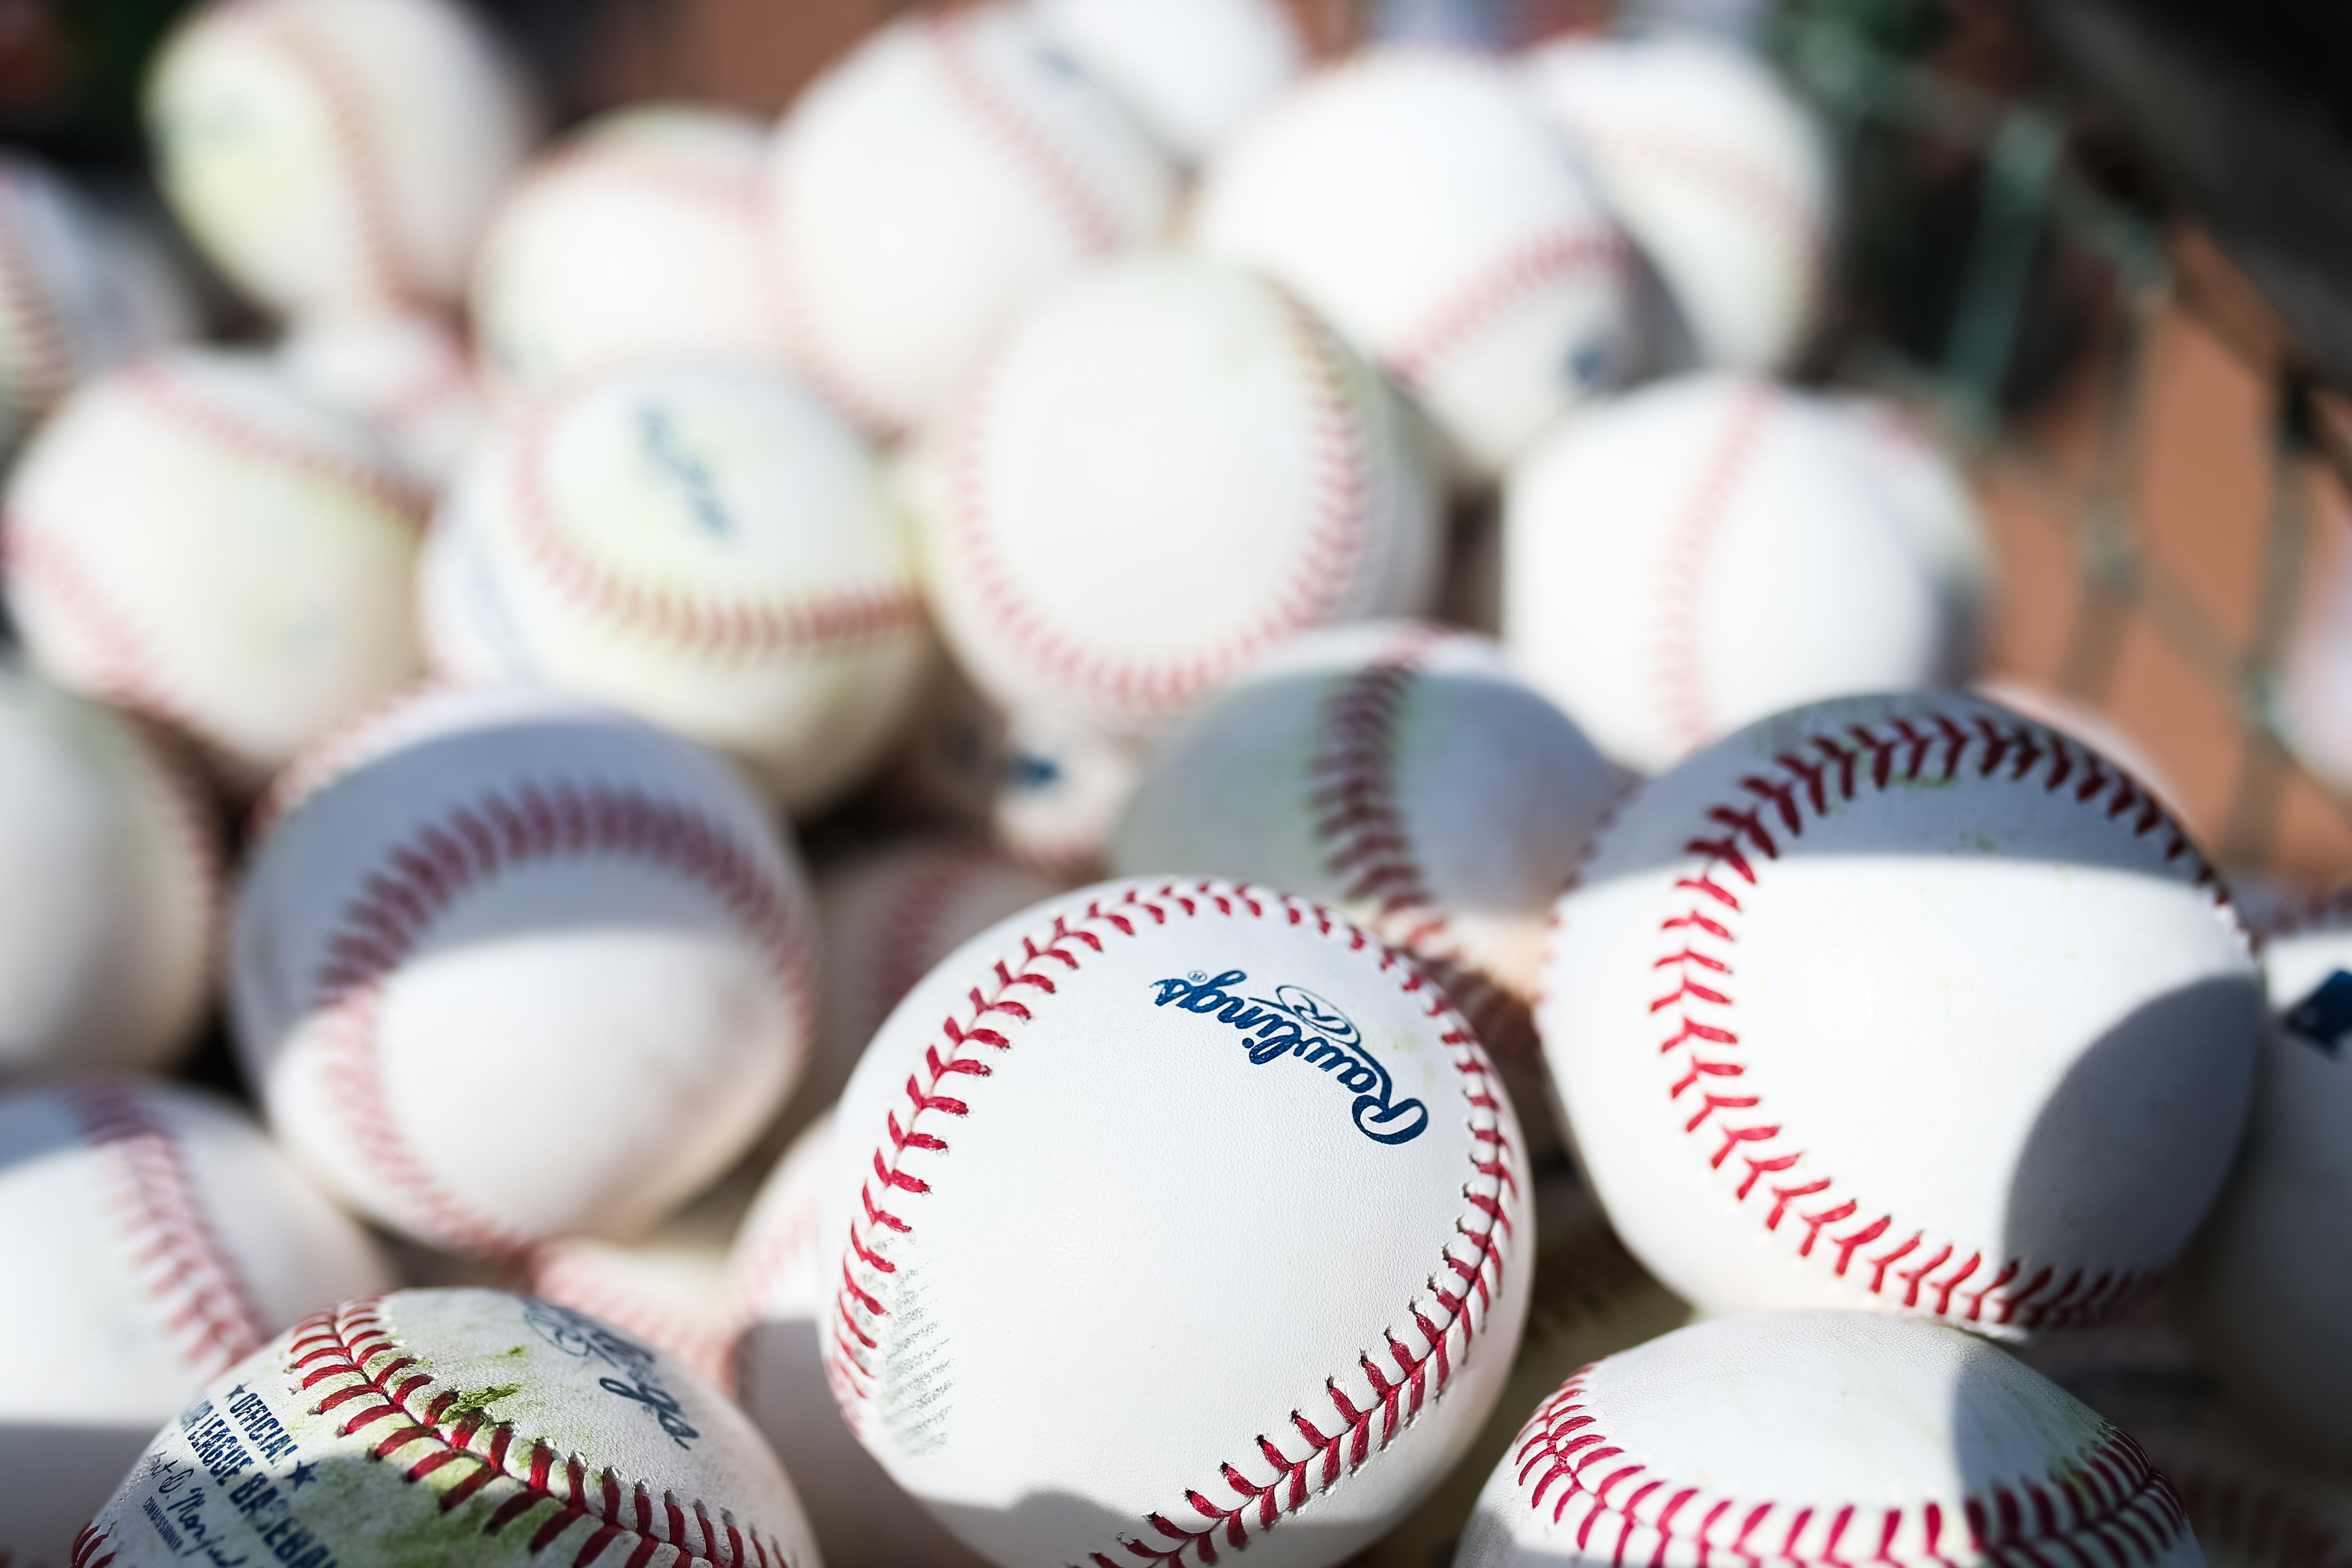 Baltimore Orioles v Philadelphia Phillies